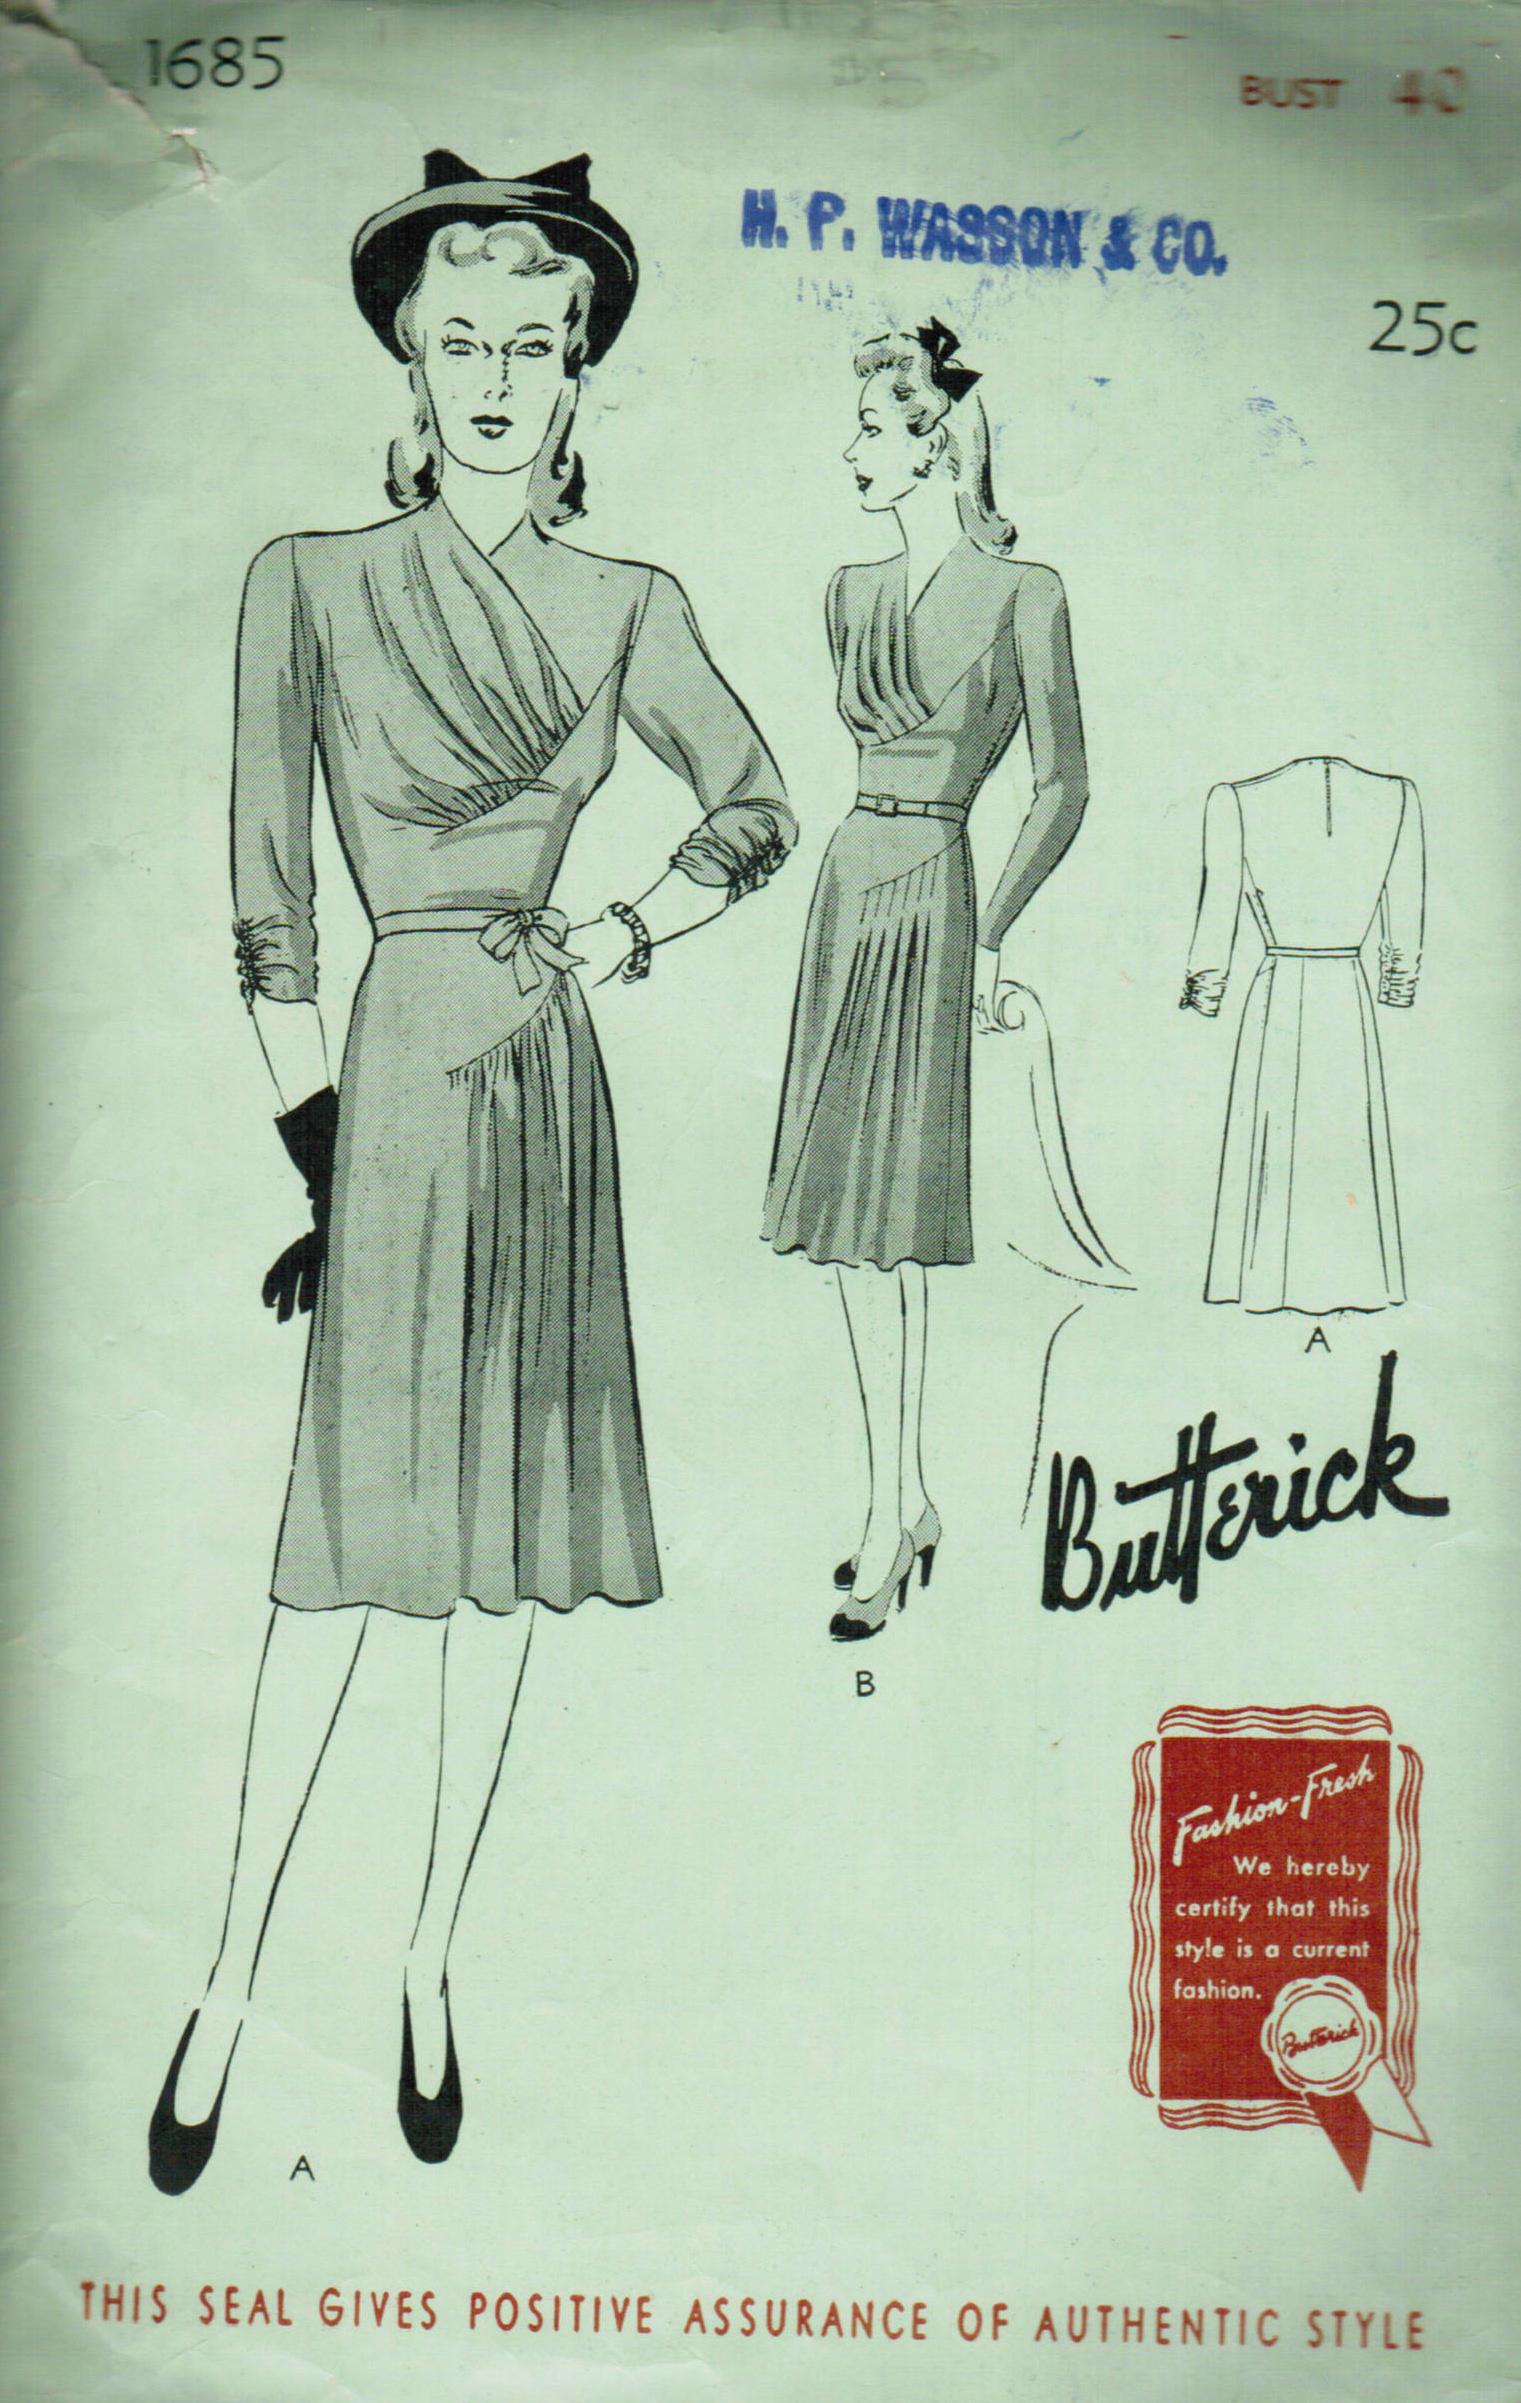 Butterick 1685